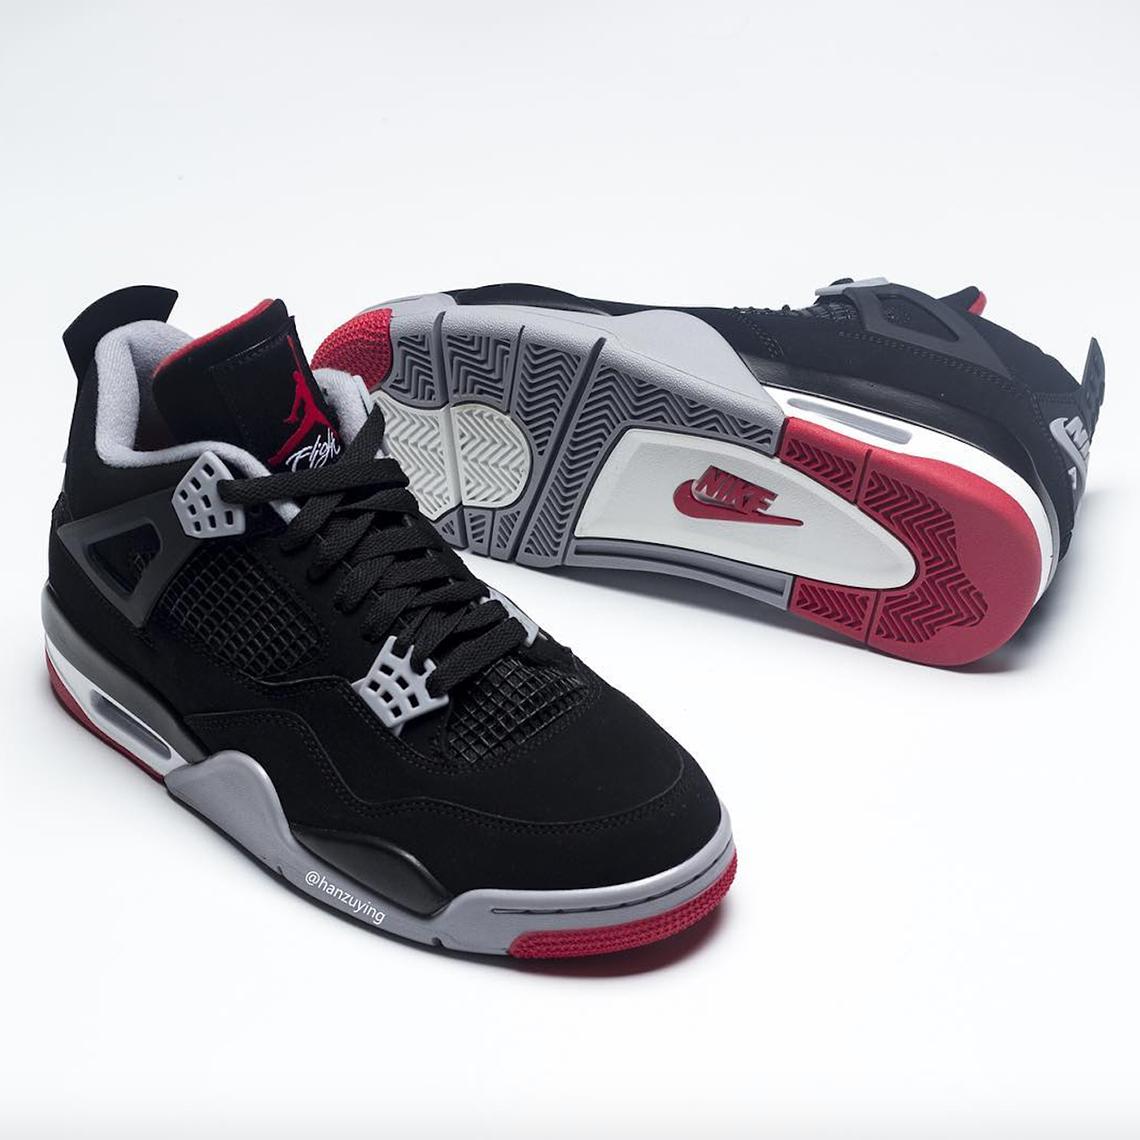 63e71af9 Jordan 4 Bred 2019 308497-060 Release Date | SneakerNews.com